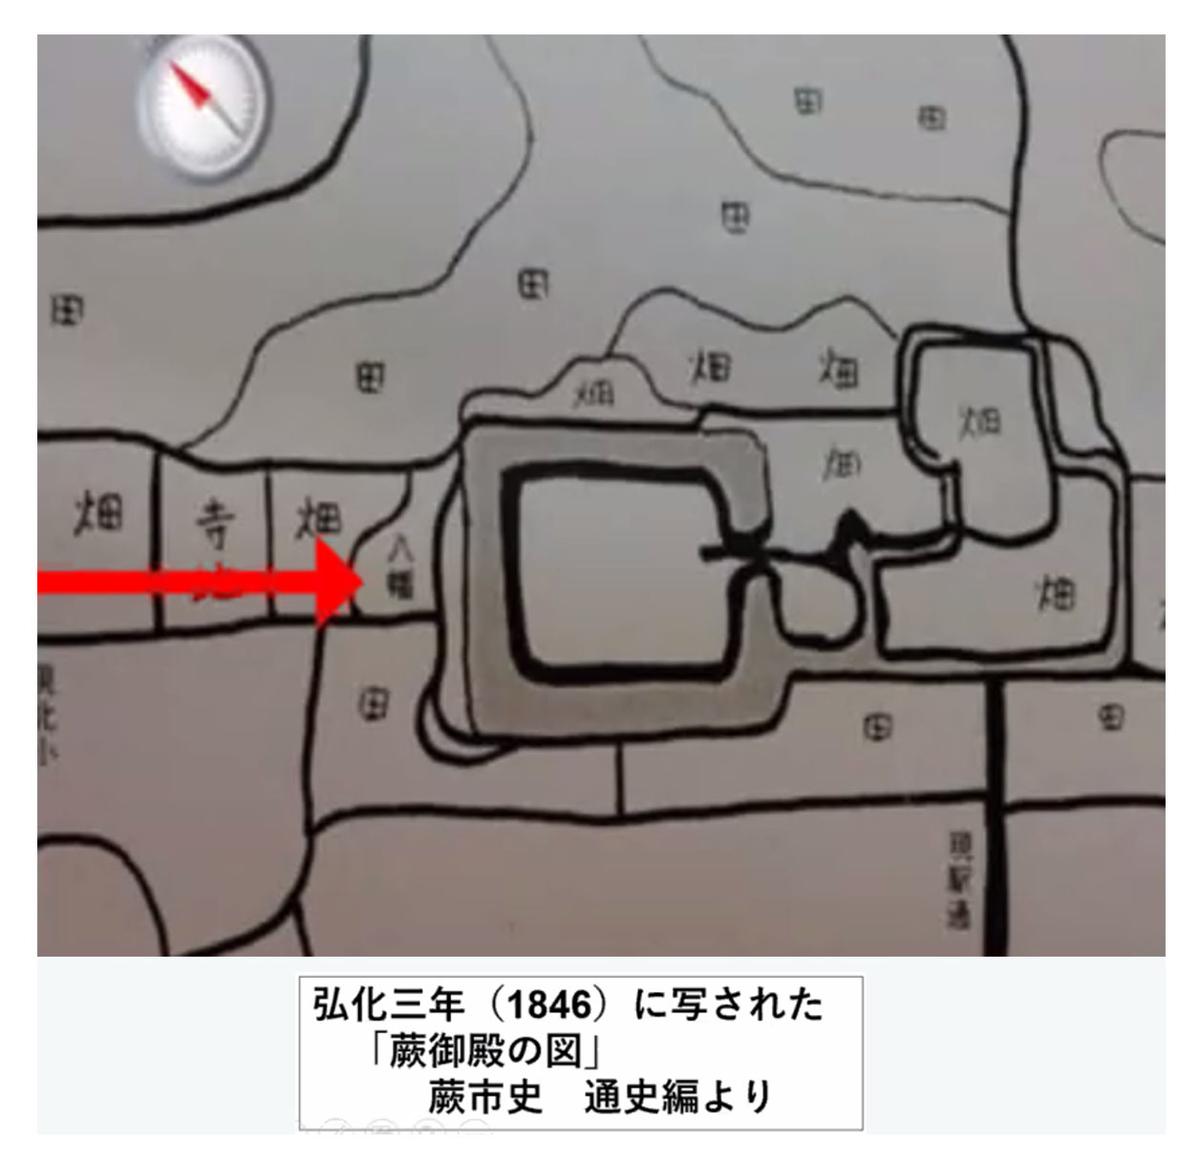 f:id:jiajiawarabi:20210706182833j:plain